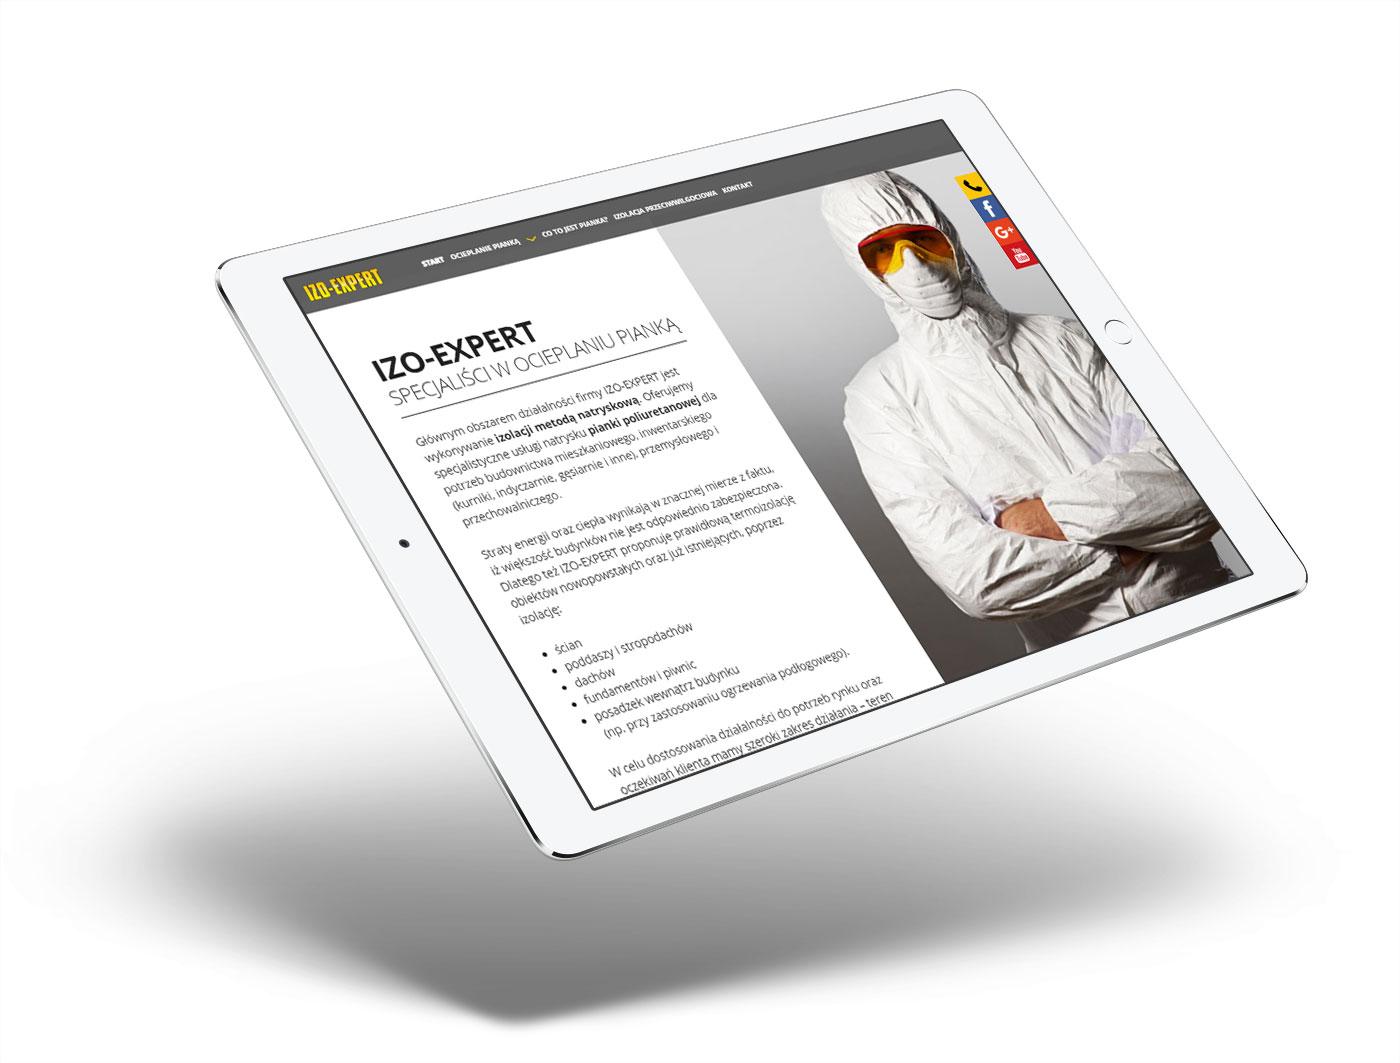 IZOEXPERT - wizualizacja strony internetowej na urządzeniu mobilnym